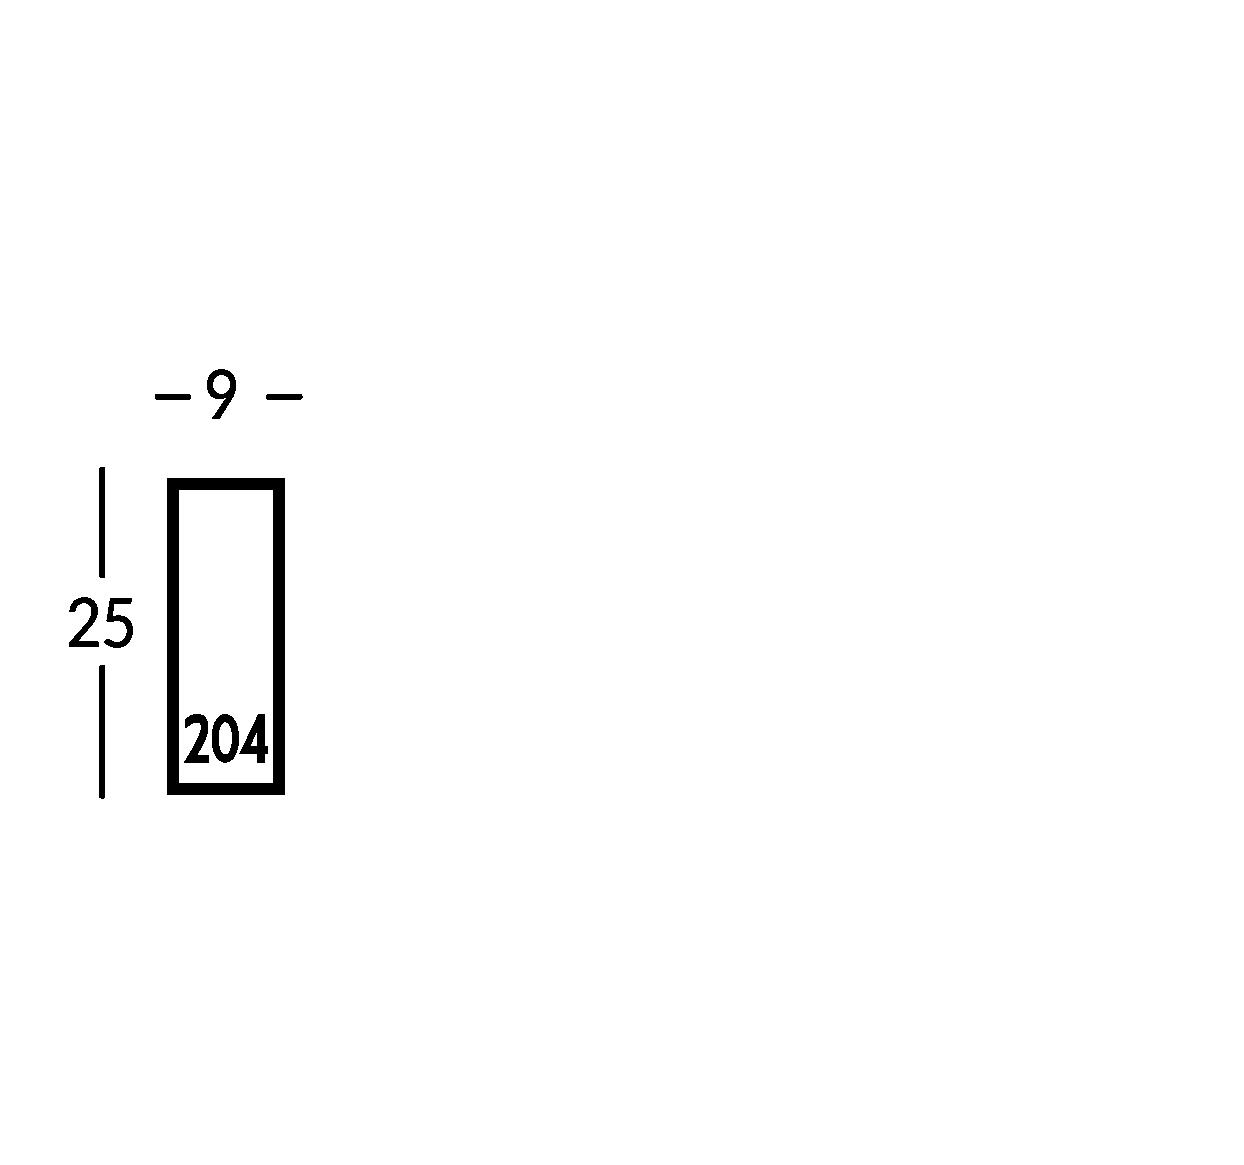 Ligne de signalétique avec support en plexiglas blanc ou noir. Plaque en aluminium brossé ou en laiton avec caractères en plexiglas en relief.